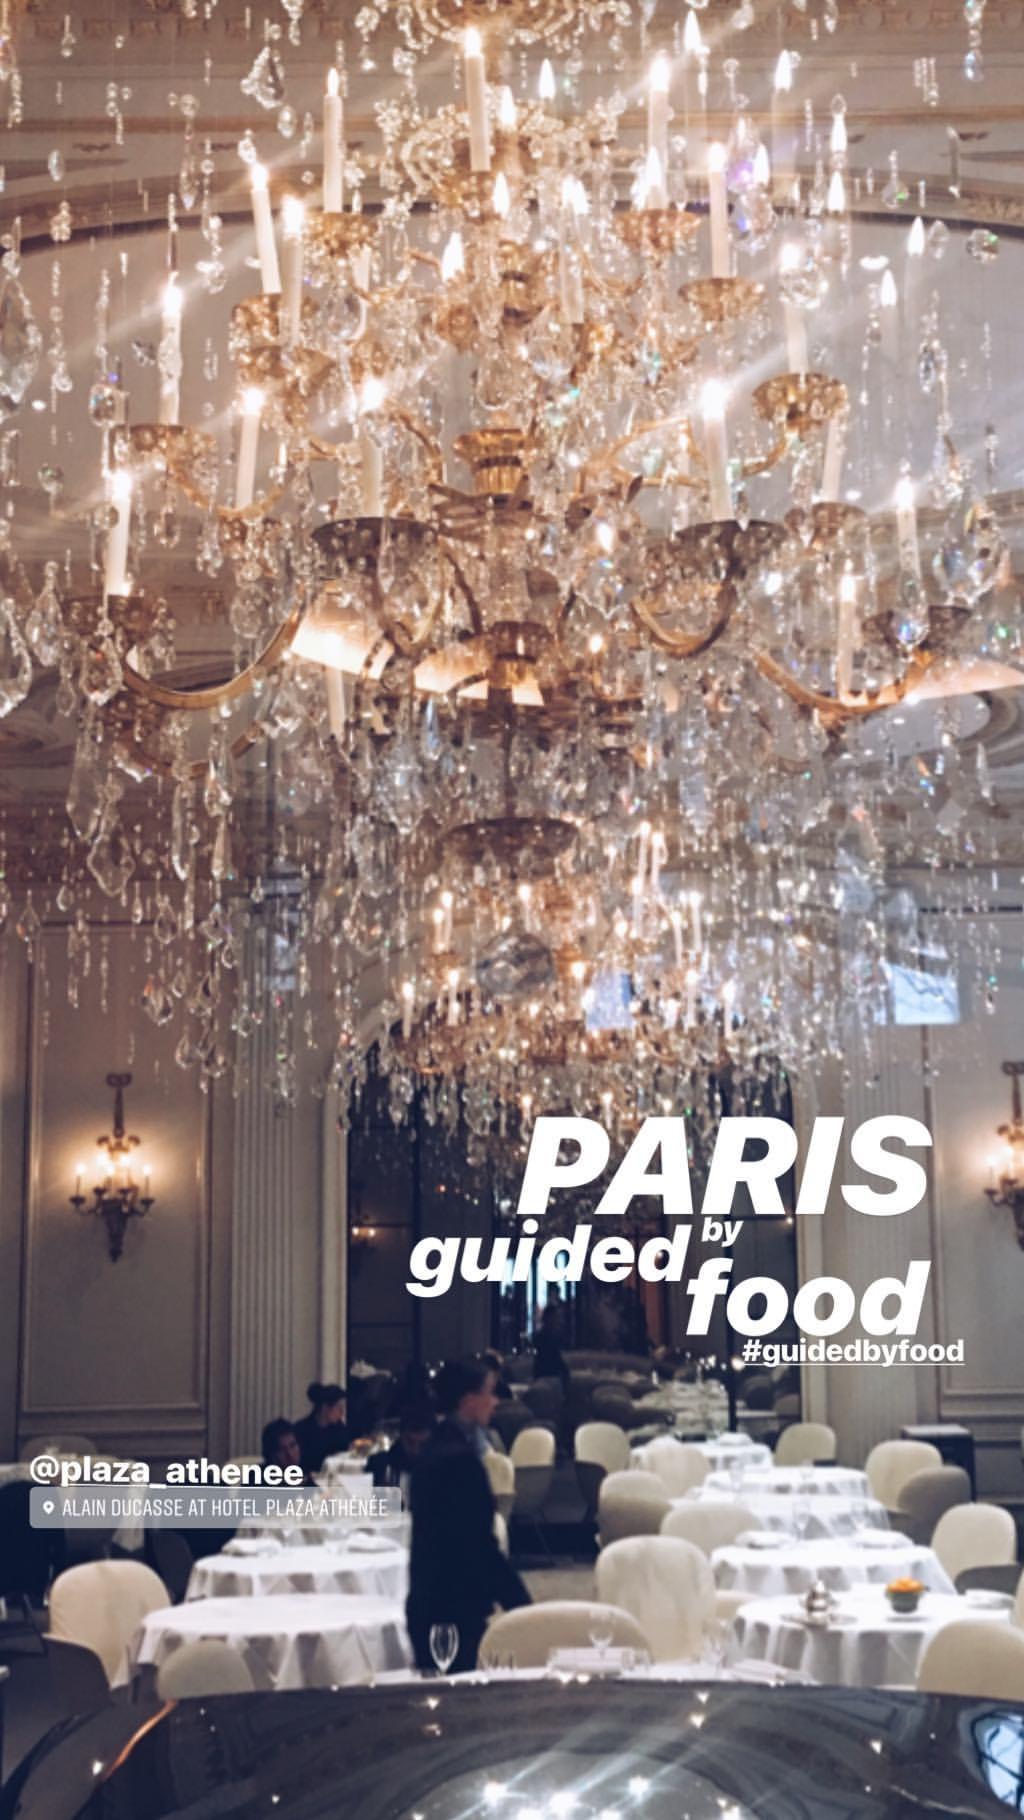 PARIS-PLAZAANTHENEE-FOOD-02.jpg